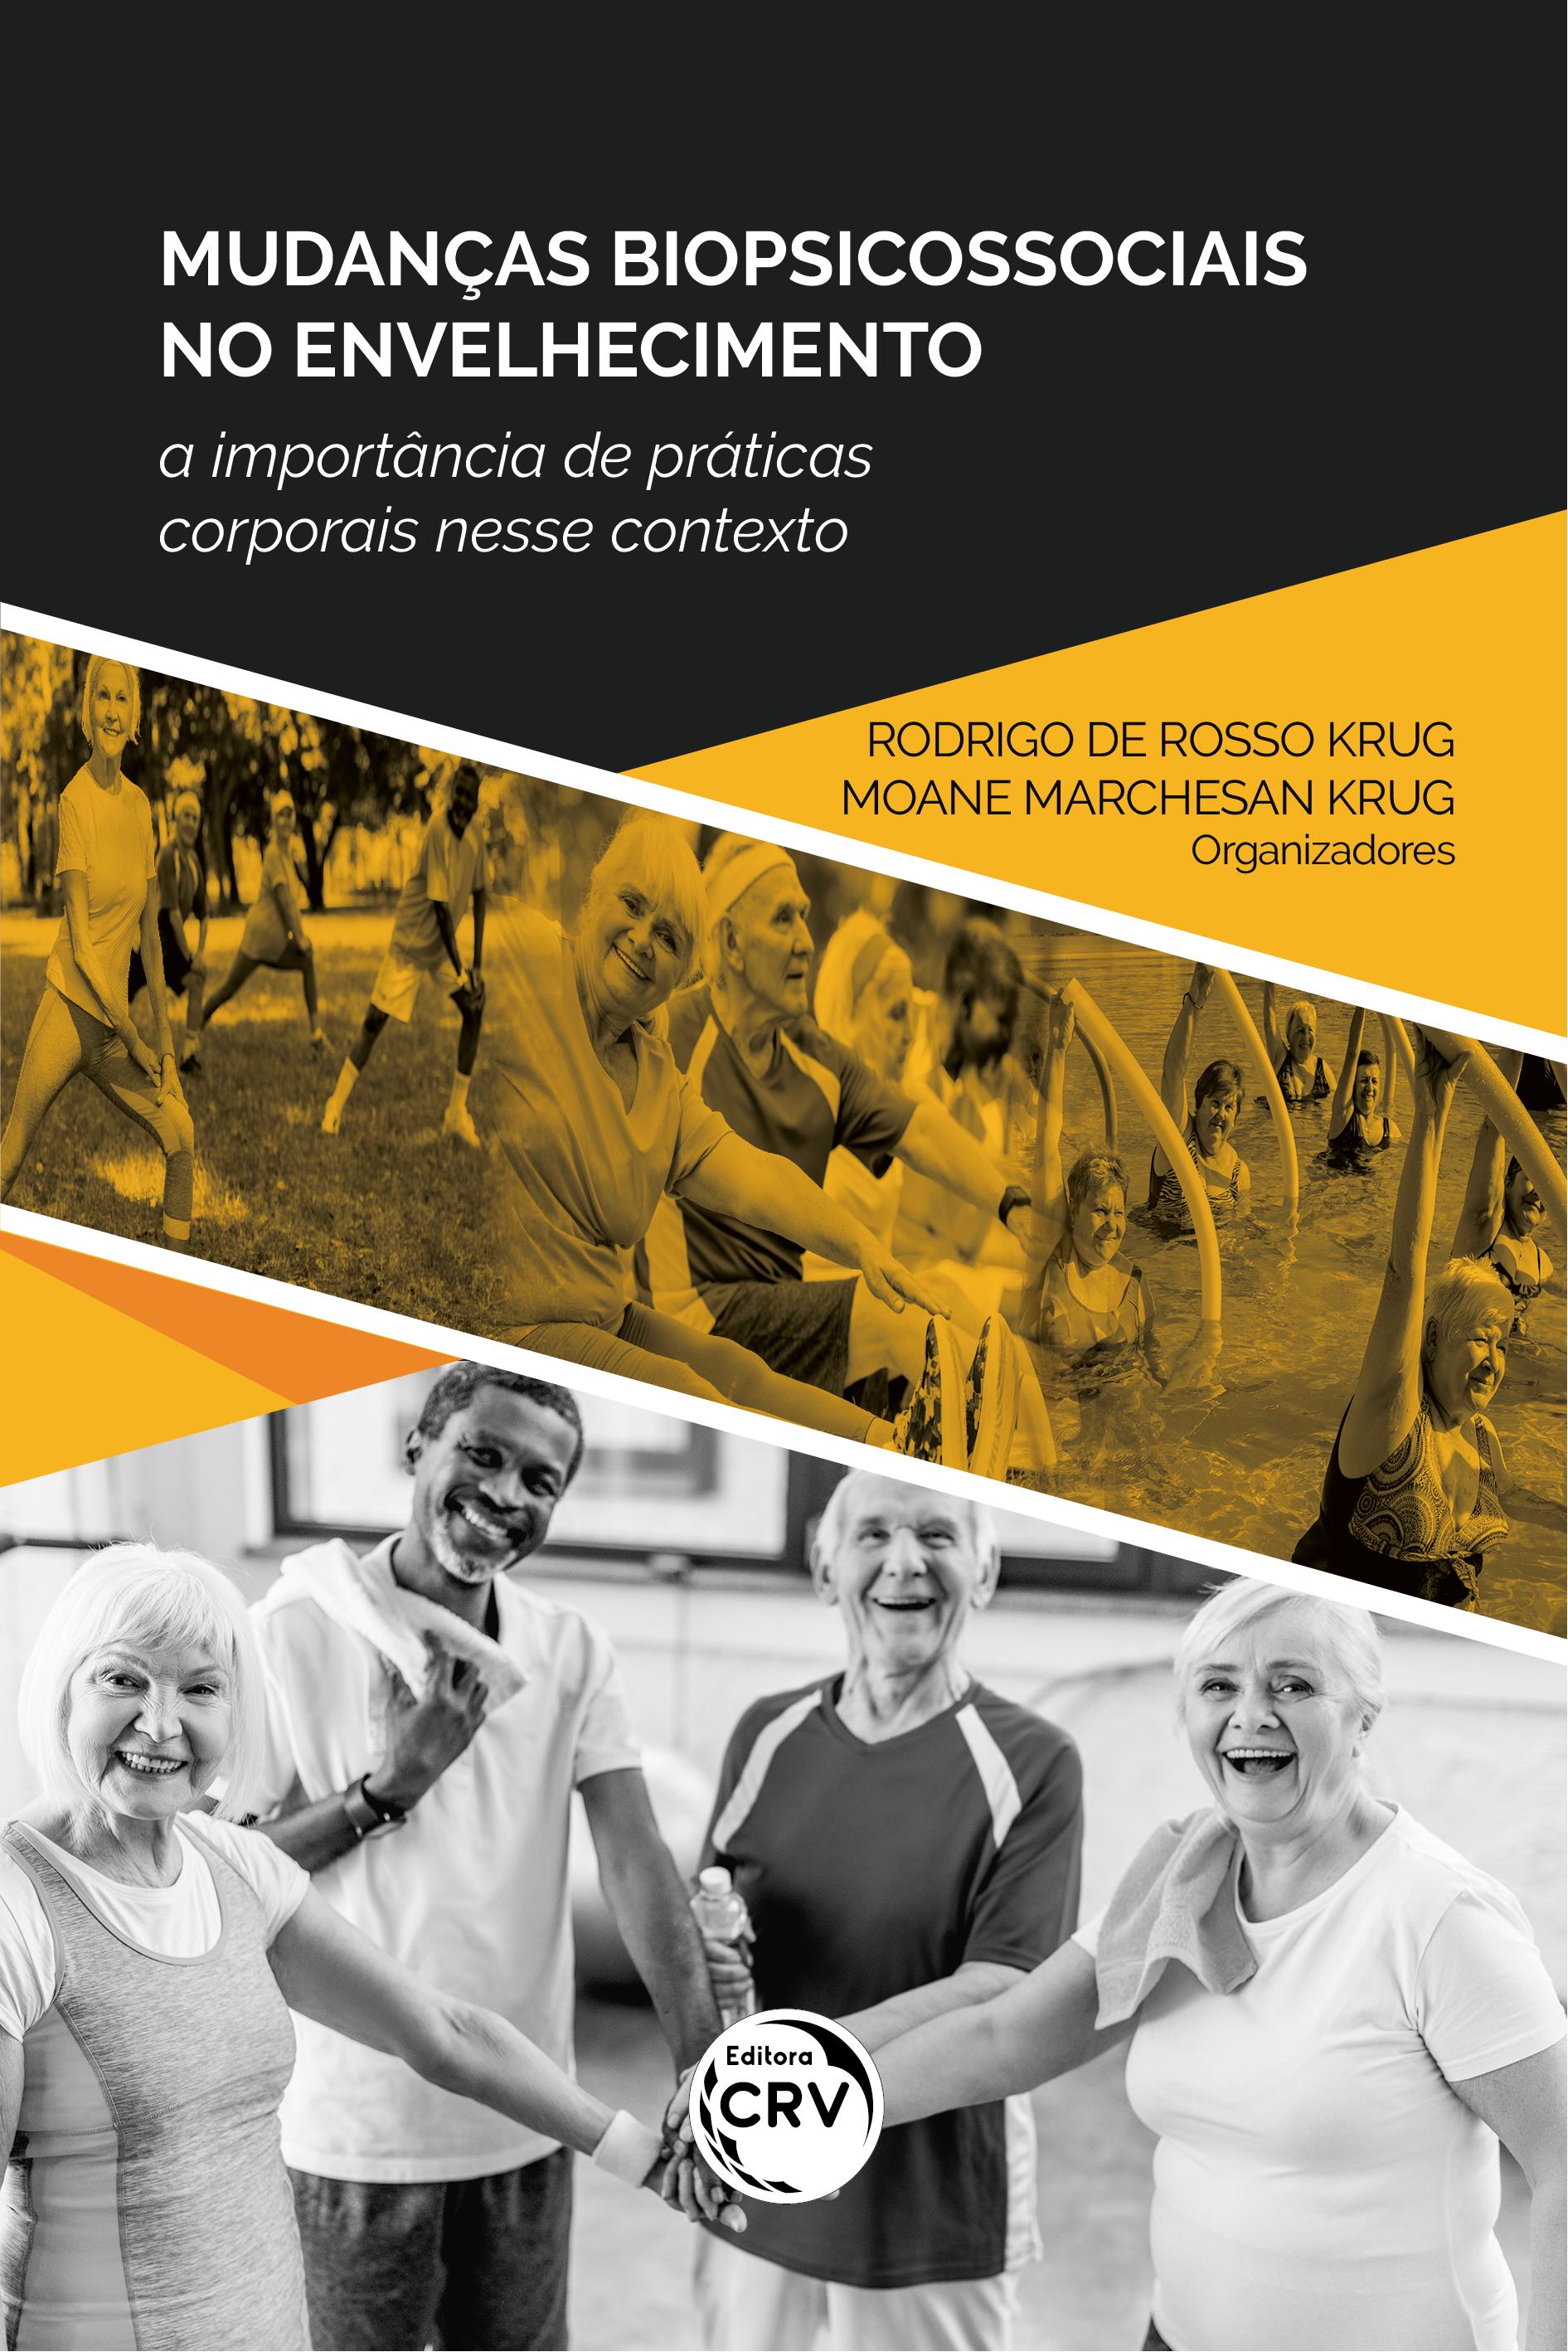 Capa do livro: MUDANÇAS BIOPSICOSSOCIAIS NO ENVELHECIMENTO:<br> a importância de práticas corporais nesse contexto